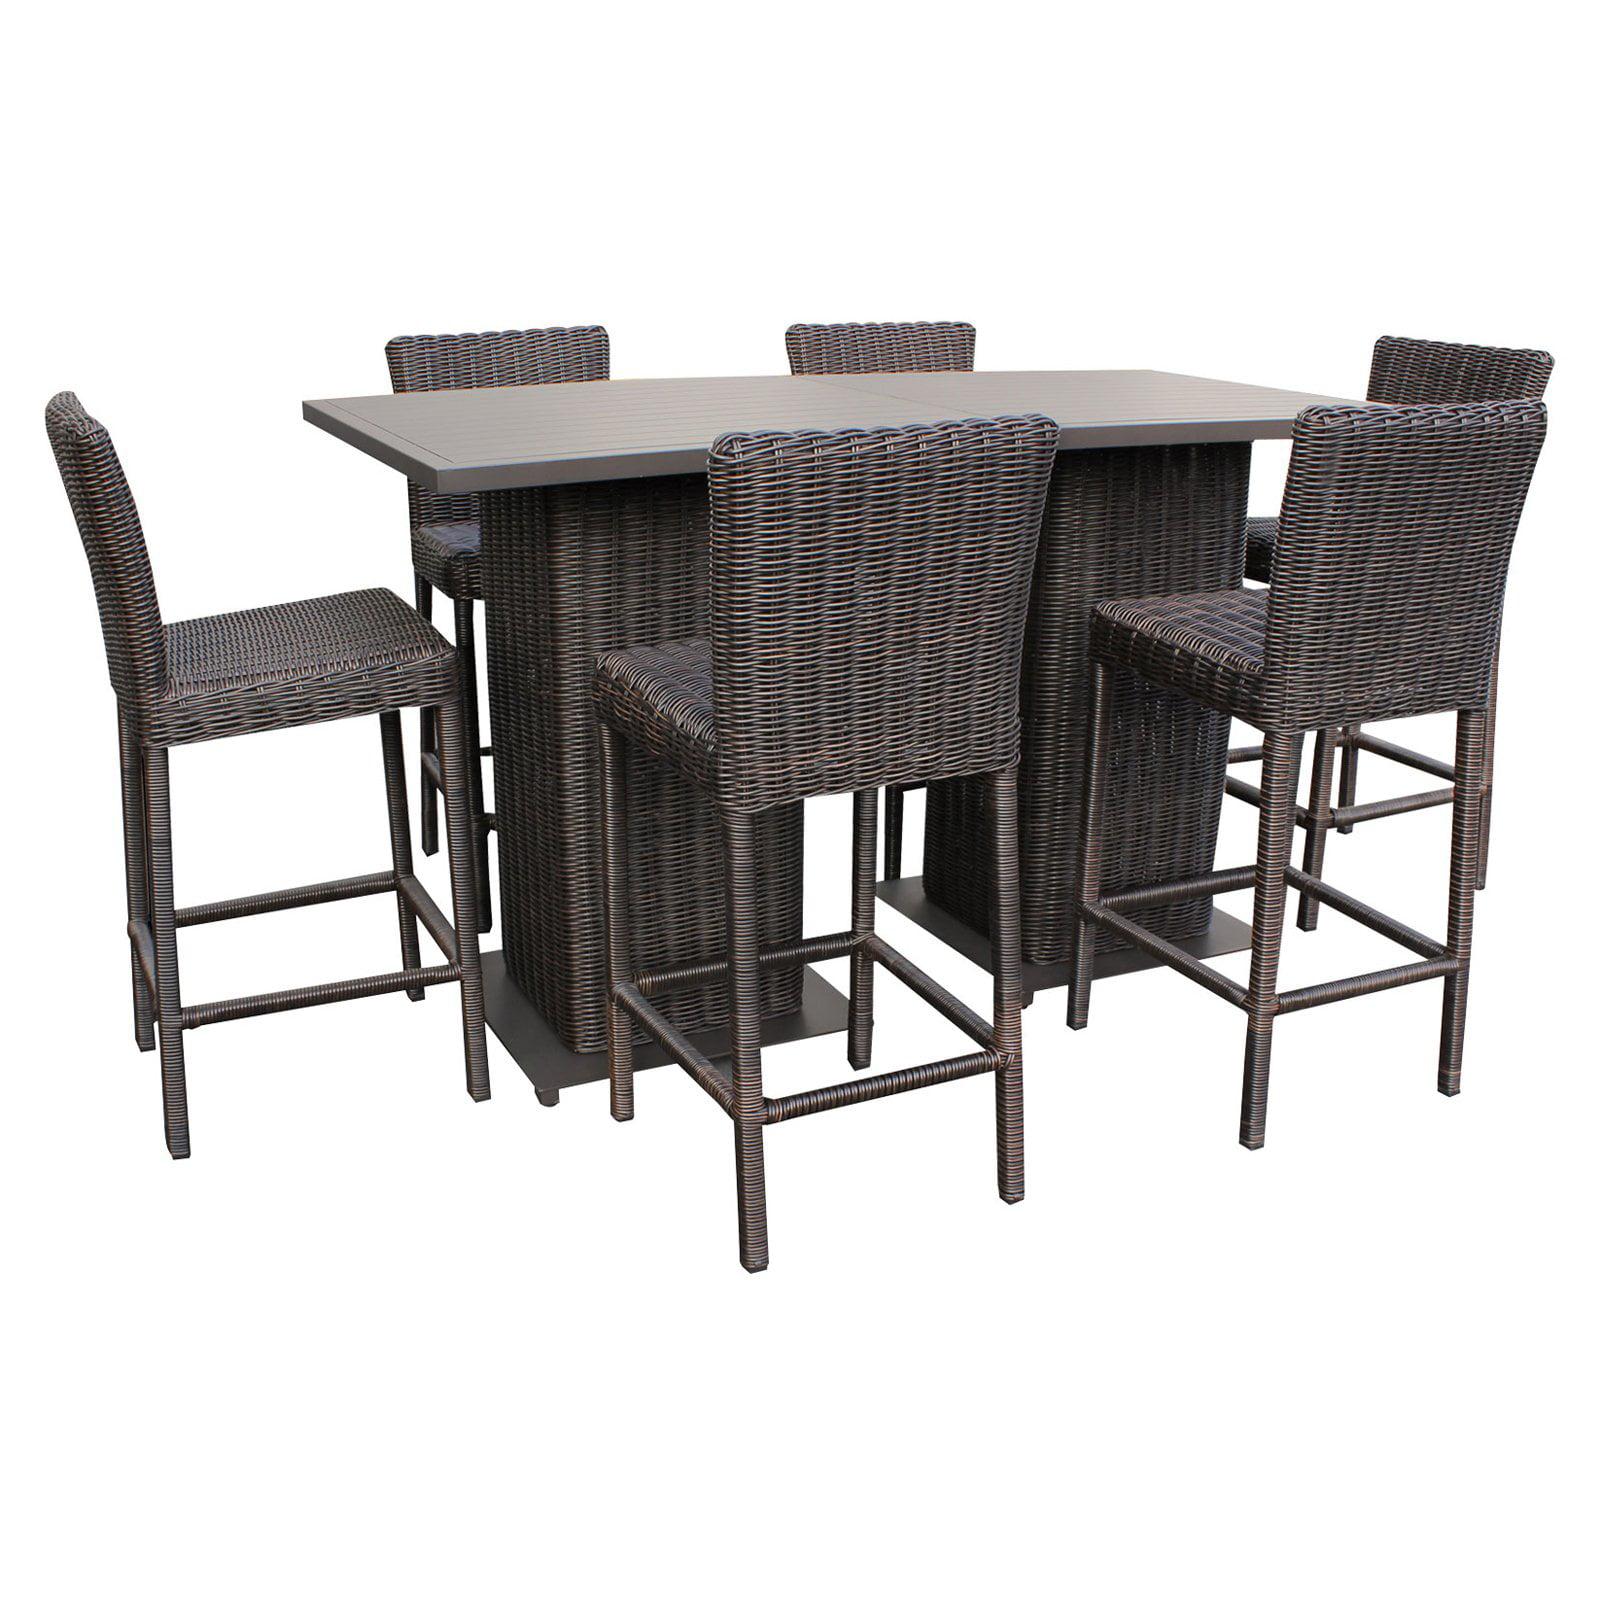 TK Classics Wicker 8 Piece Pub Table Set by TK Classics